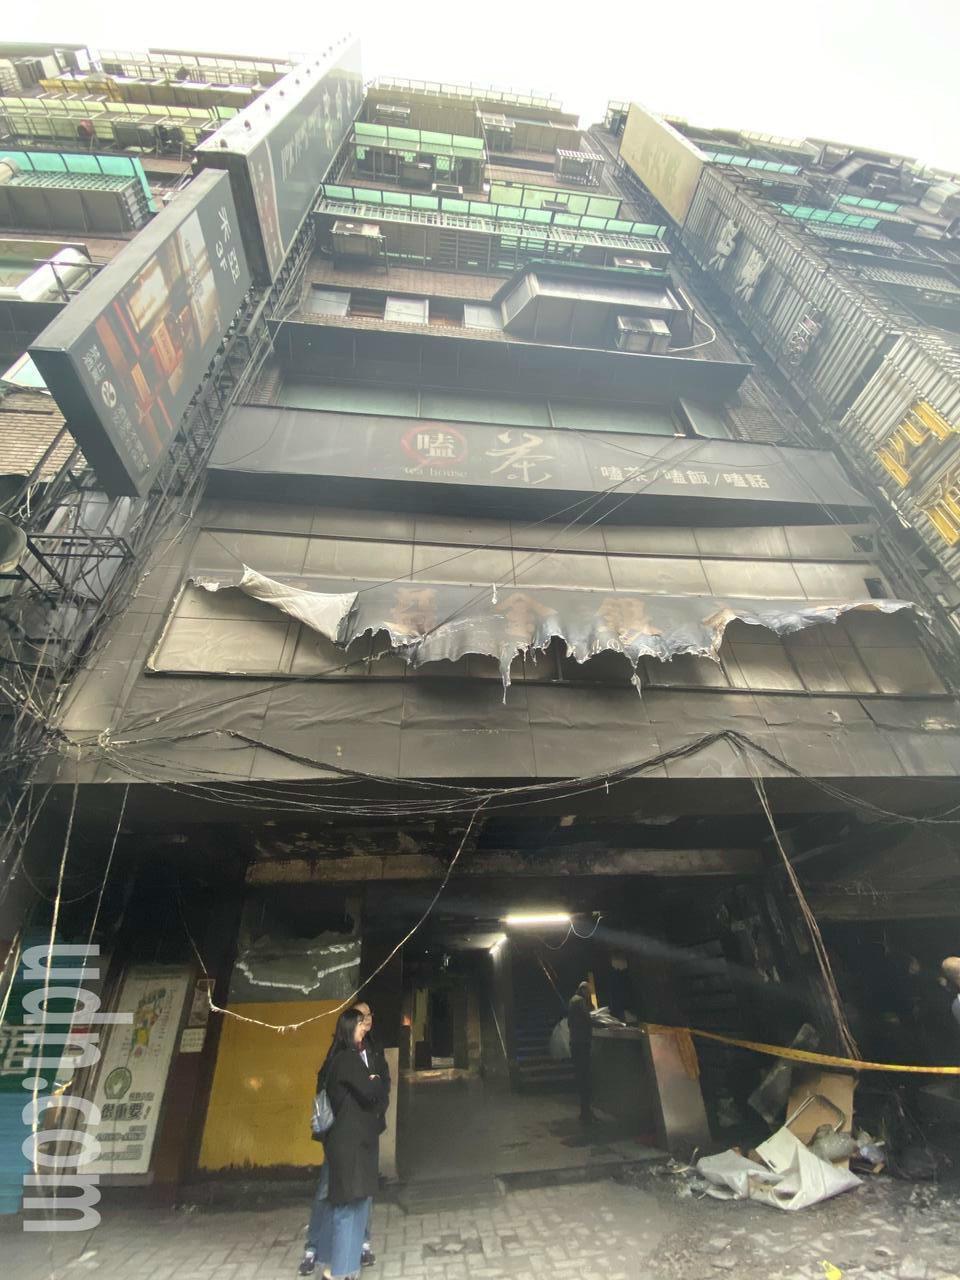 林森北路四面佛宮廟昨遭人縱火,4女嗆傷送醫。記者蔡翼謙/攝影